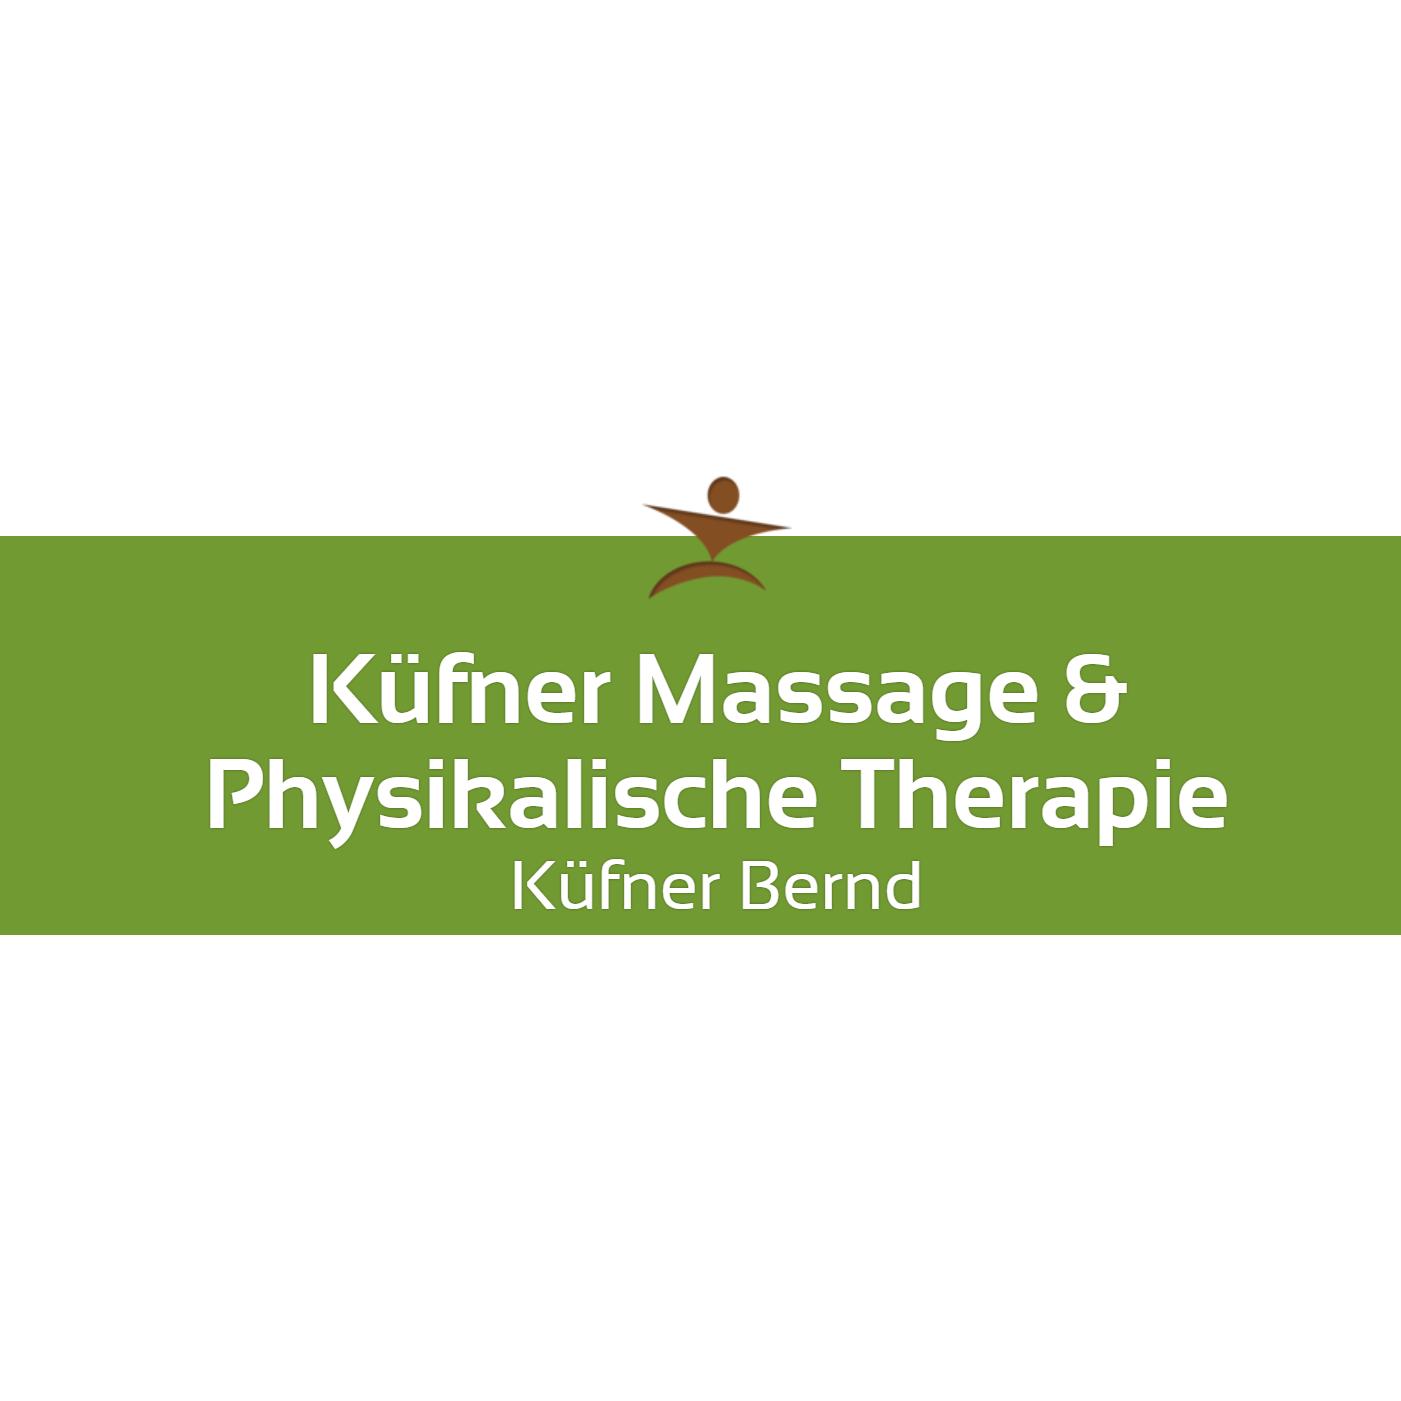 Bild zu Küfner Massage & Physikalische Therapie - Inh. Bernd Küfner in Kulmbach